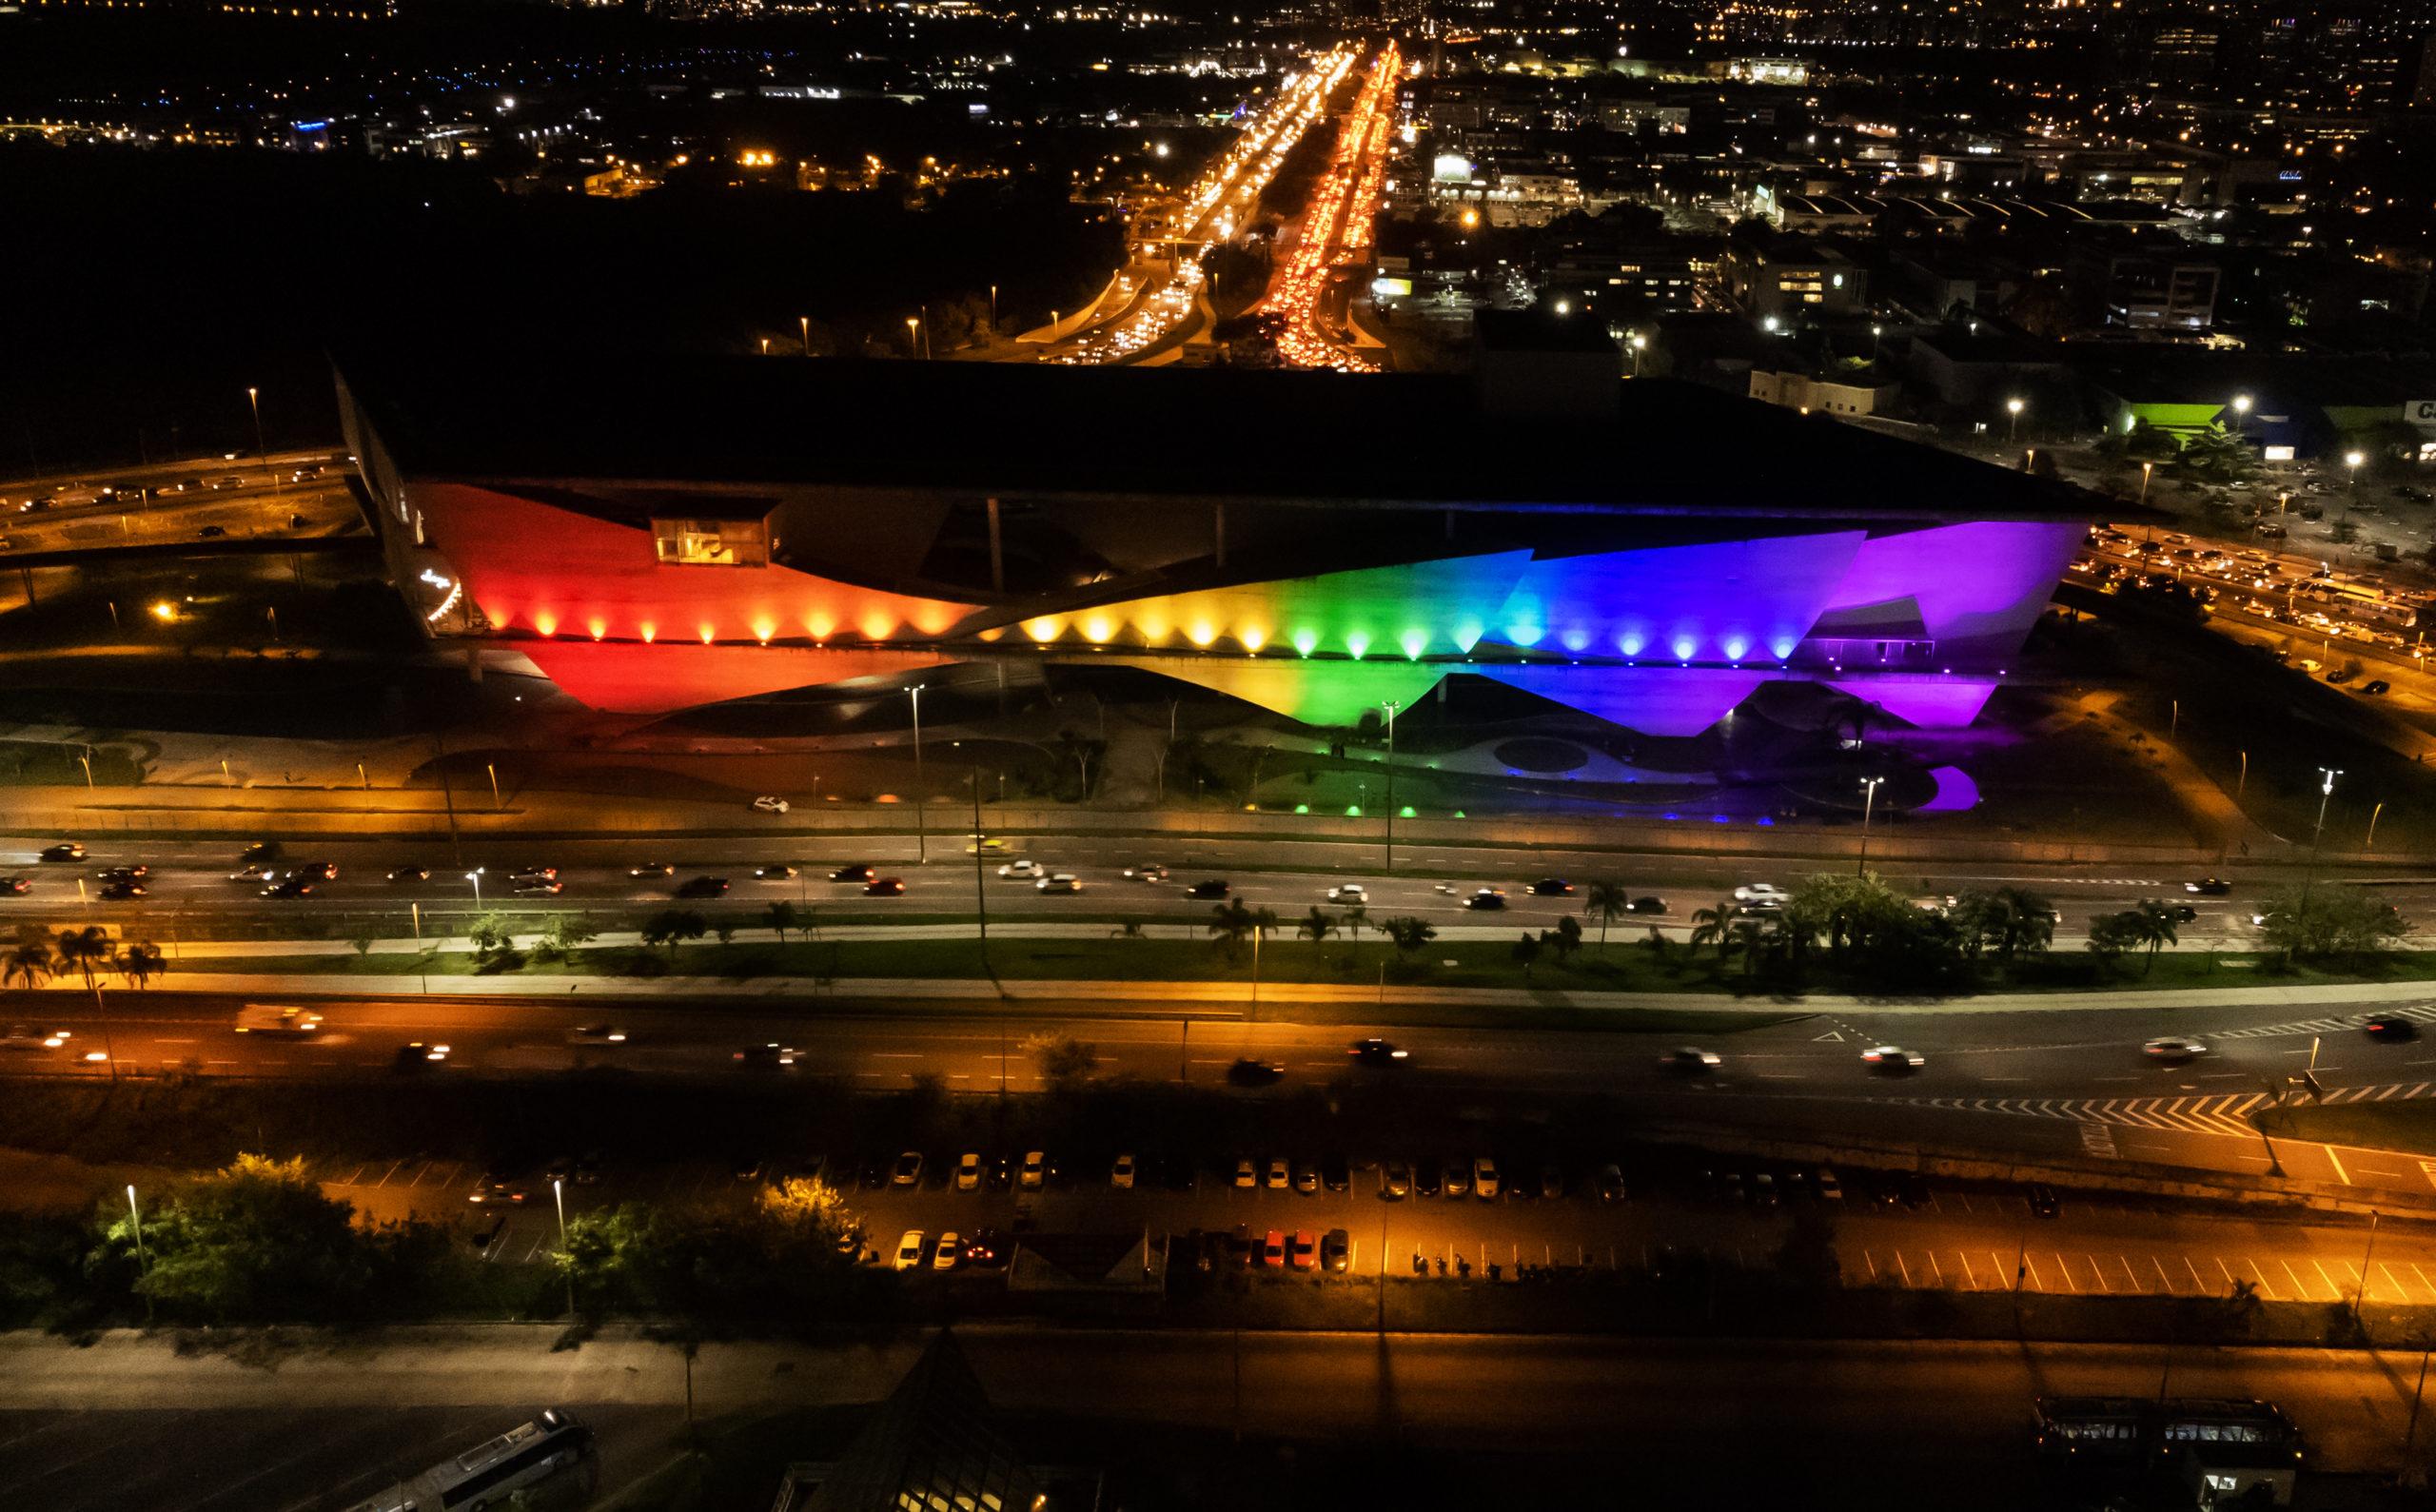 Cidade das Artes iluminada com cores do arco-íris